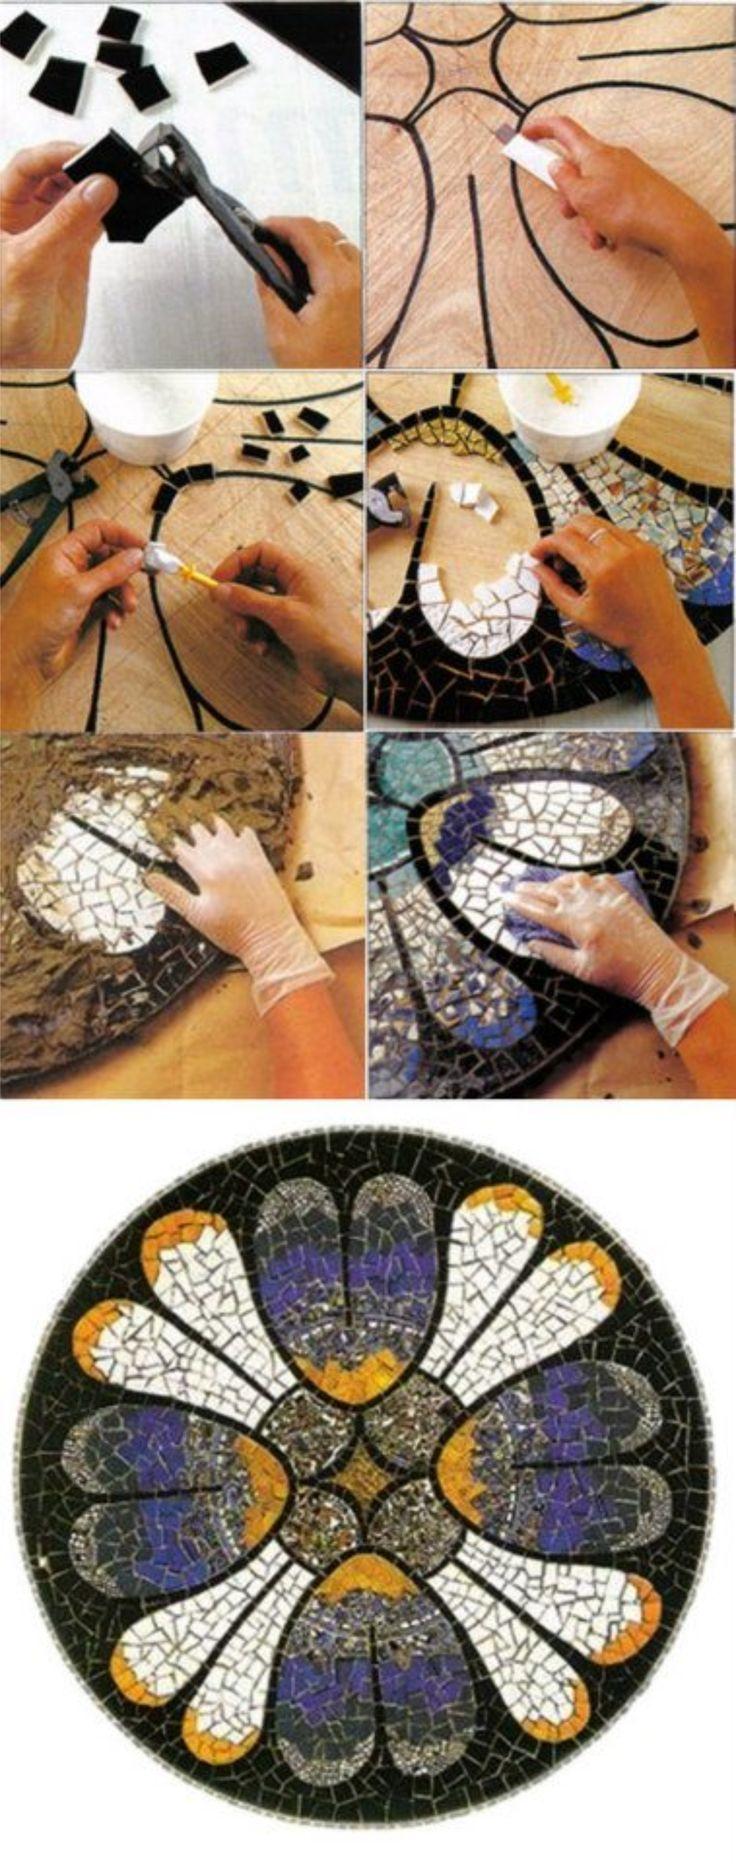 Cómo hacer una mesa de mosaicos.                                                                                                                                                      Más